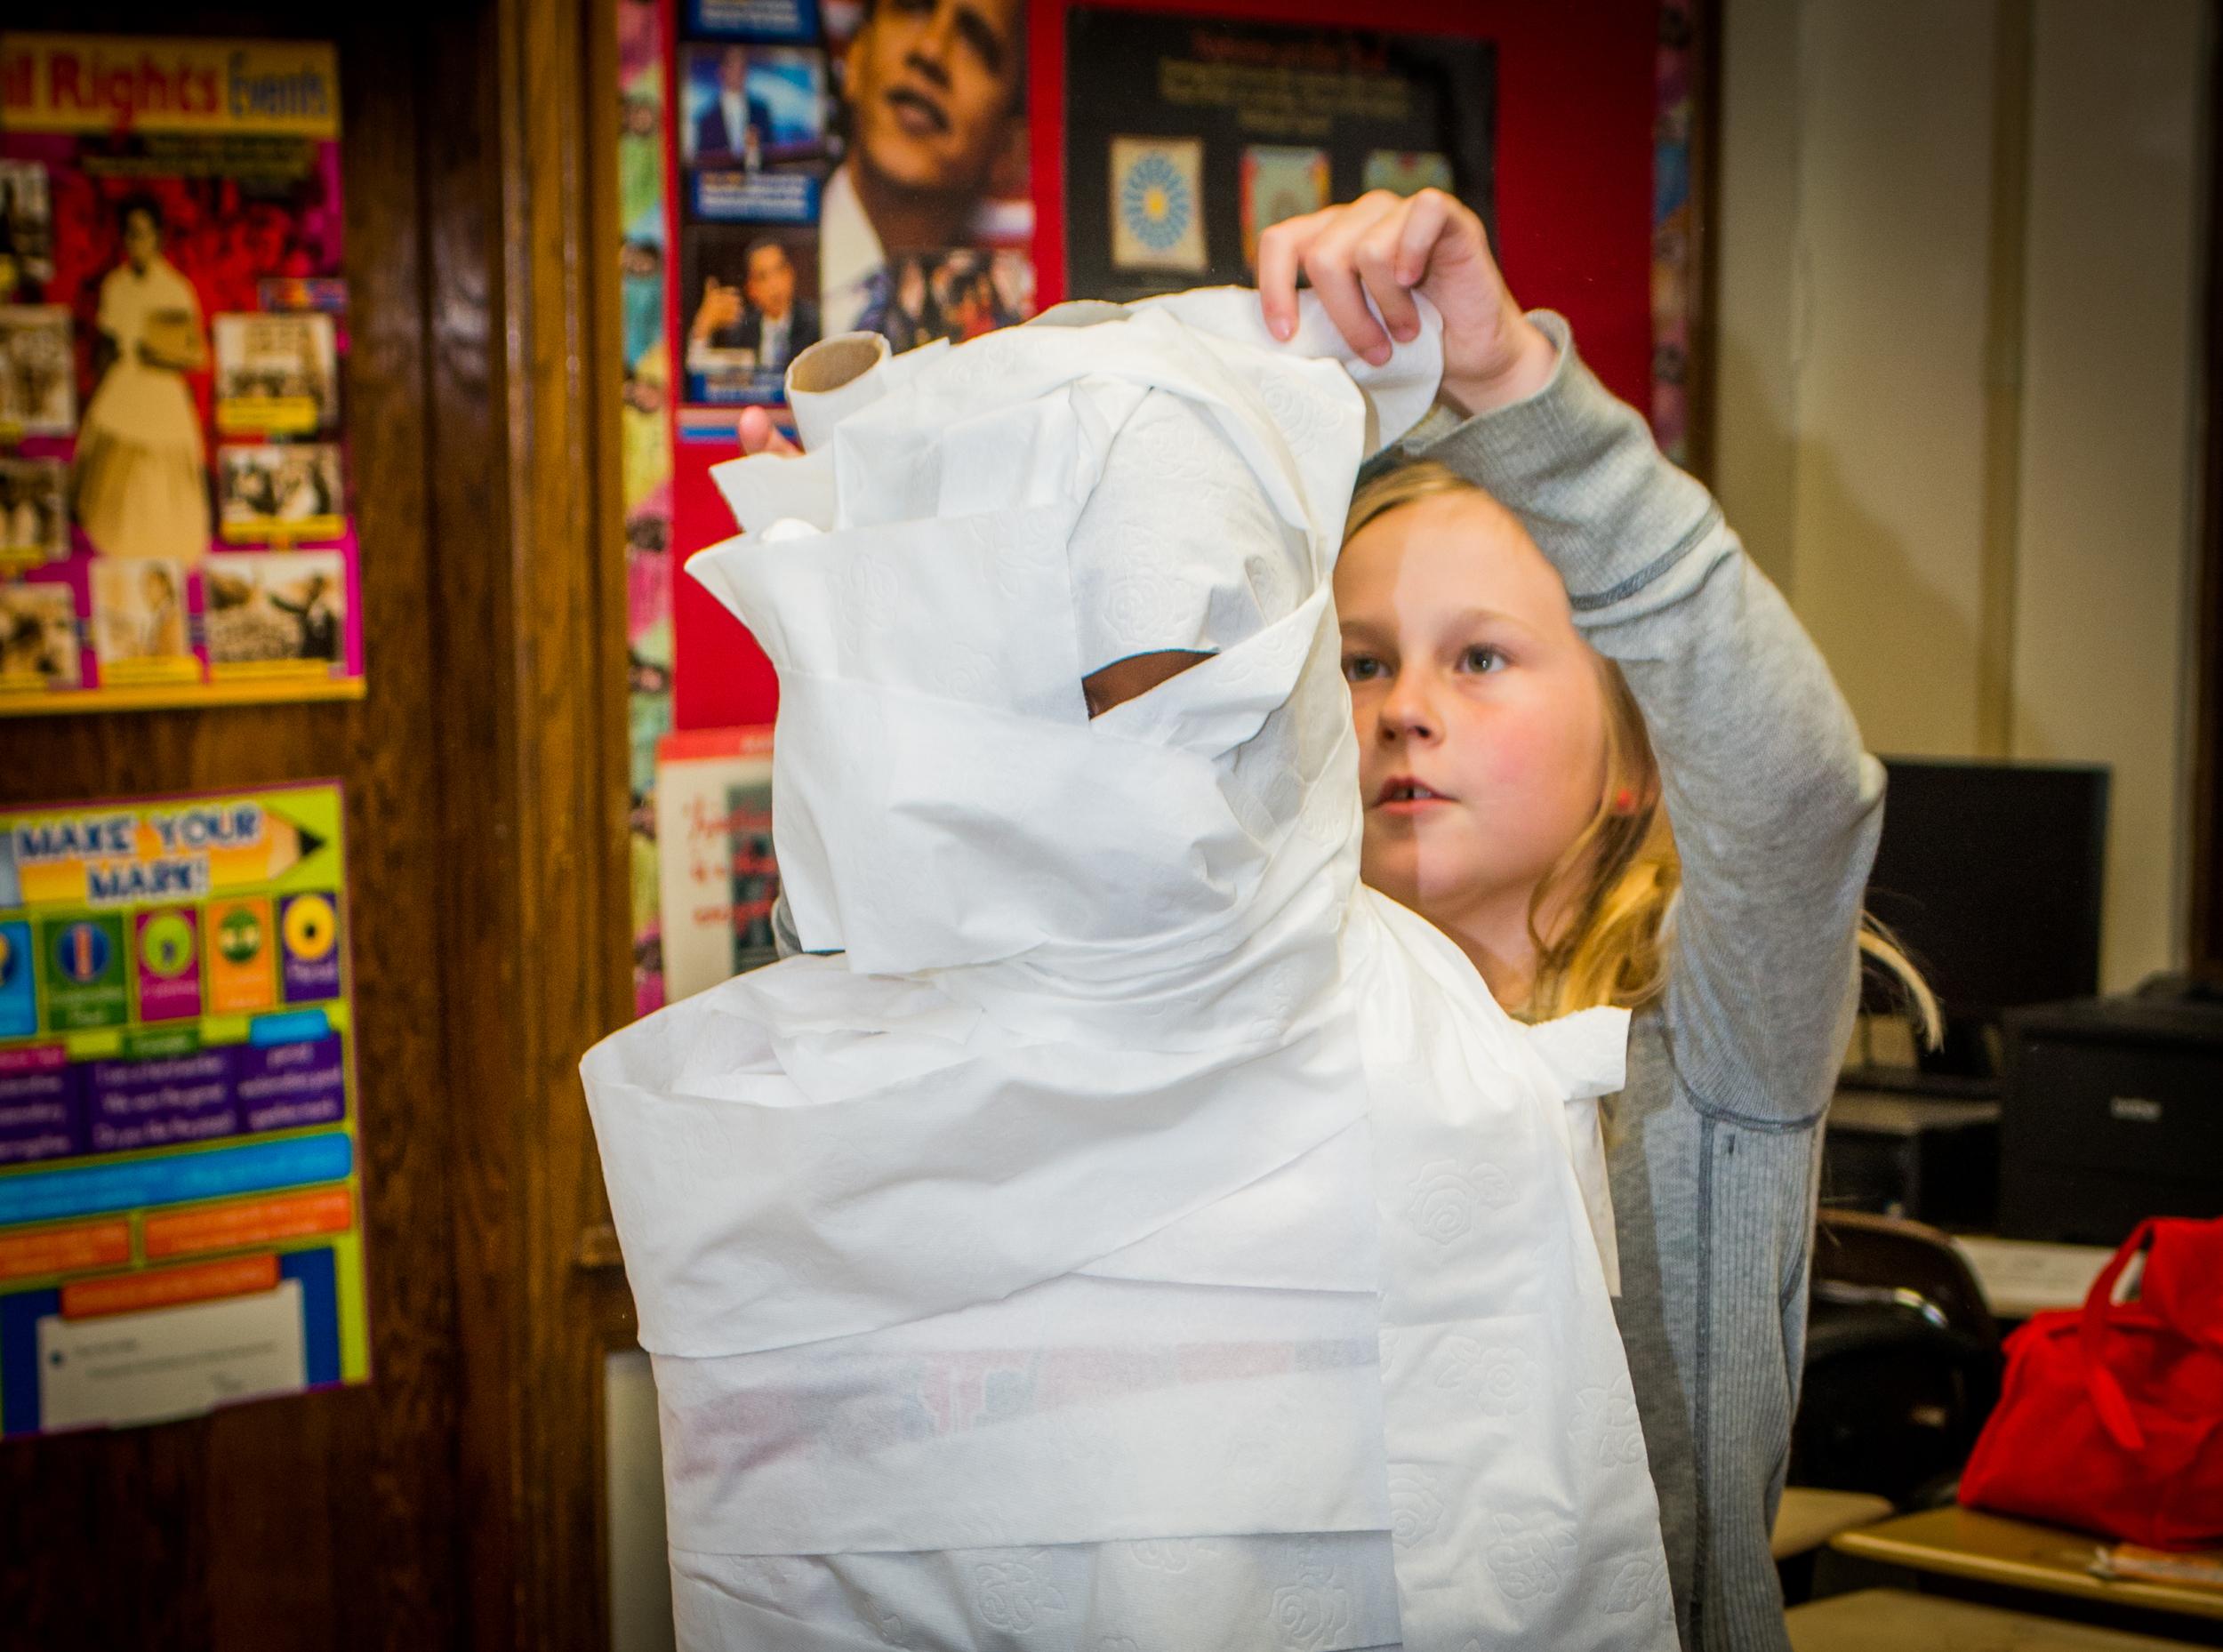 Mia making a mummy